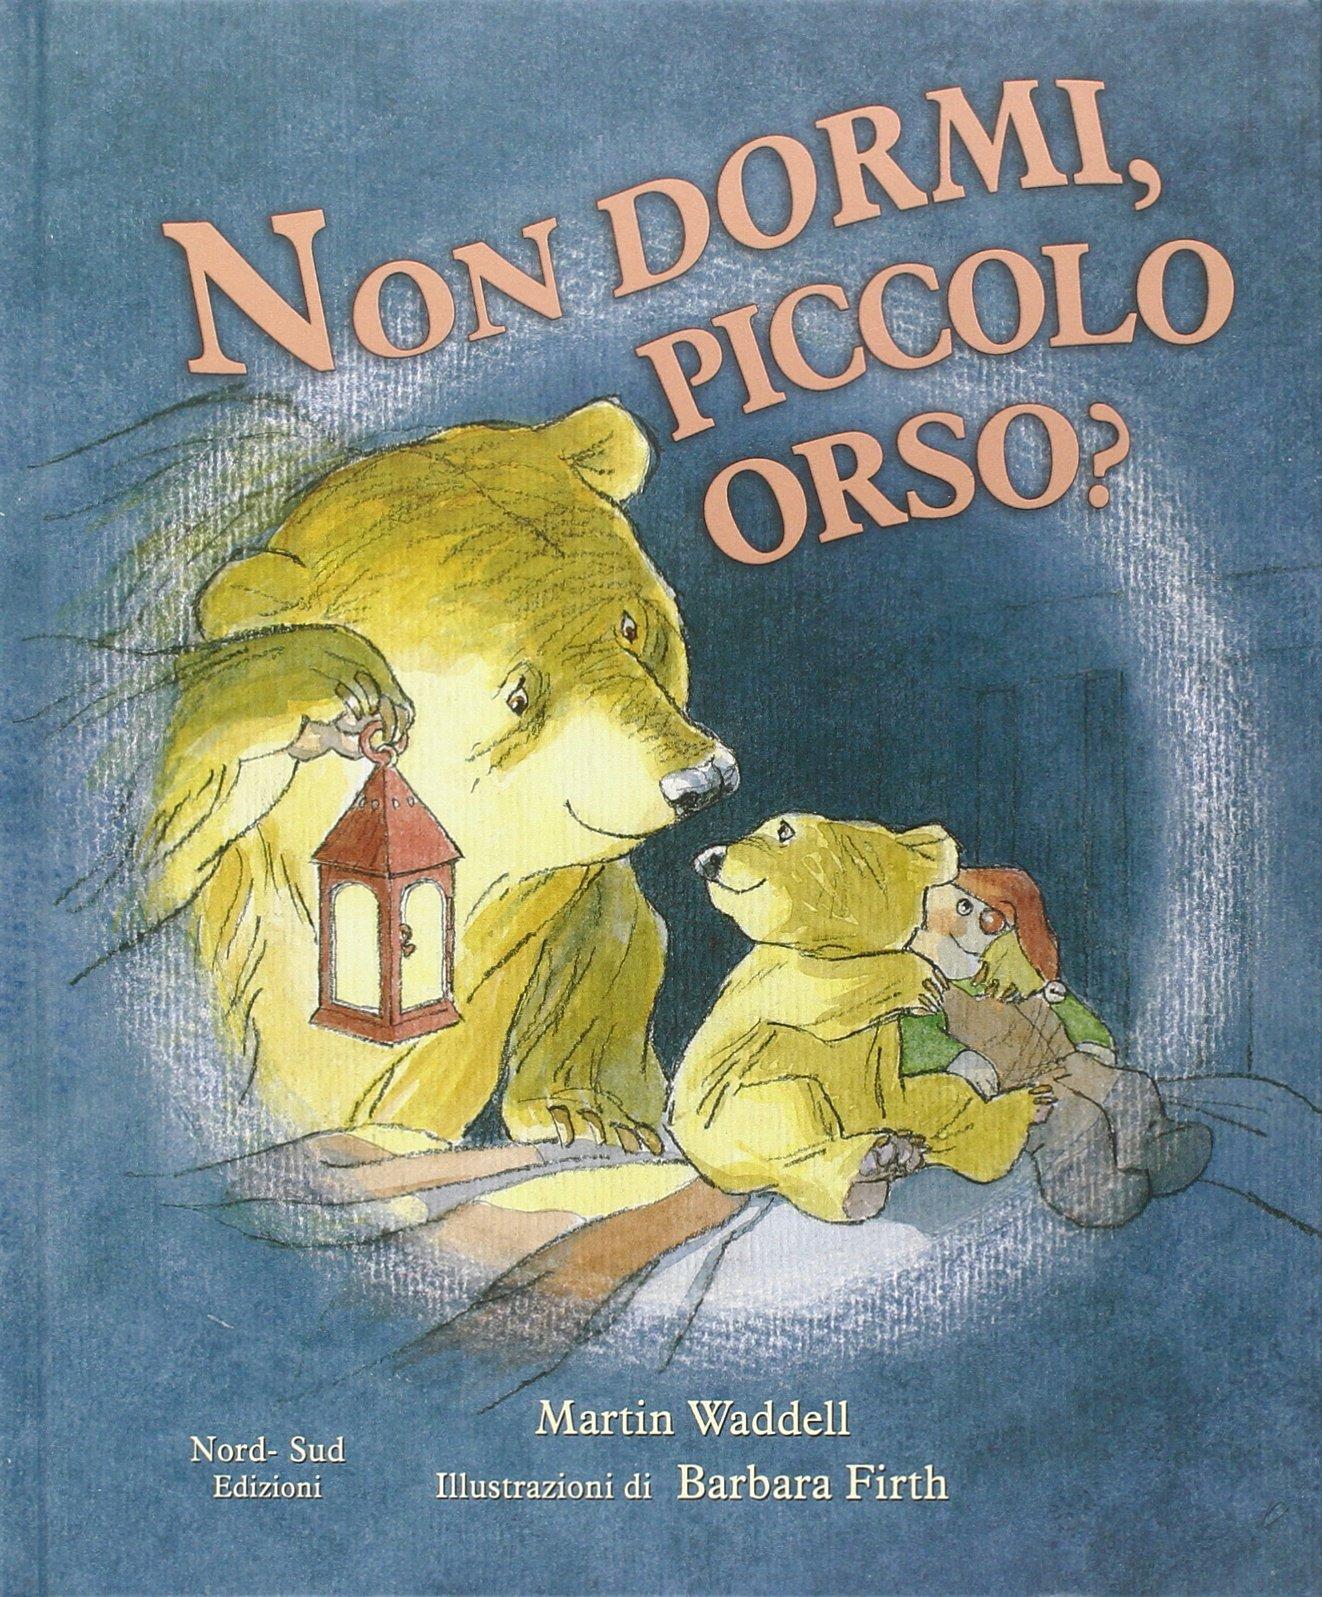 libri per bambini sui mostri: Non dormi, piccolo orso? Ediz. illustrata - Waddell, Martin,  Firth, B., Spagnol, L. - Libri